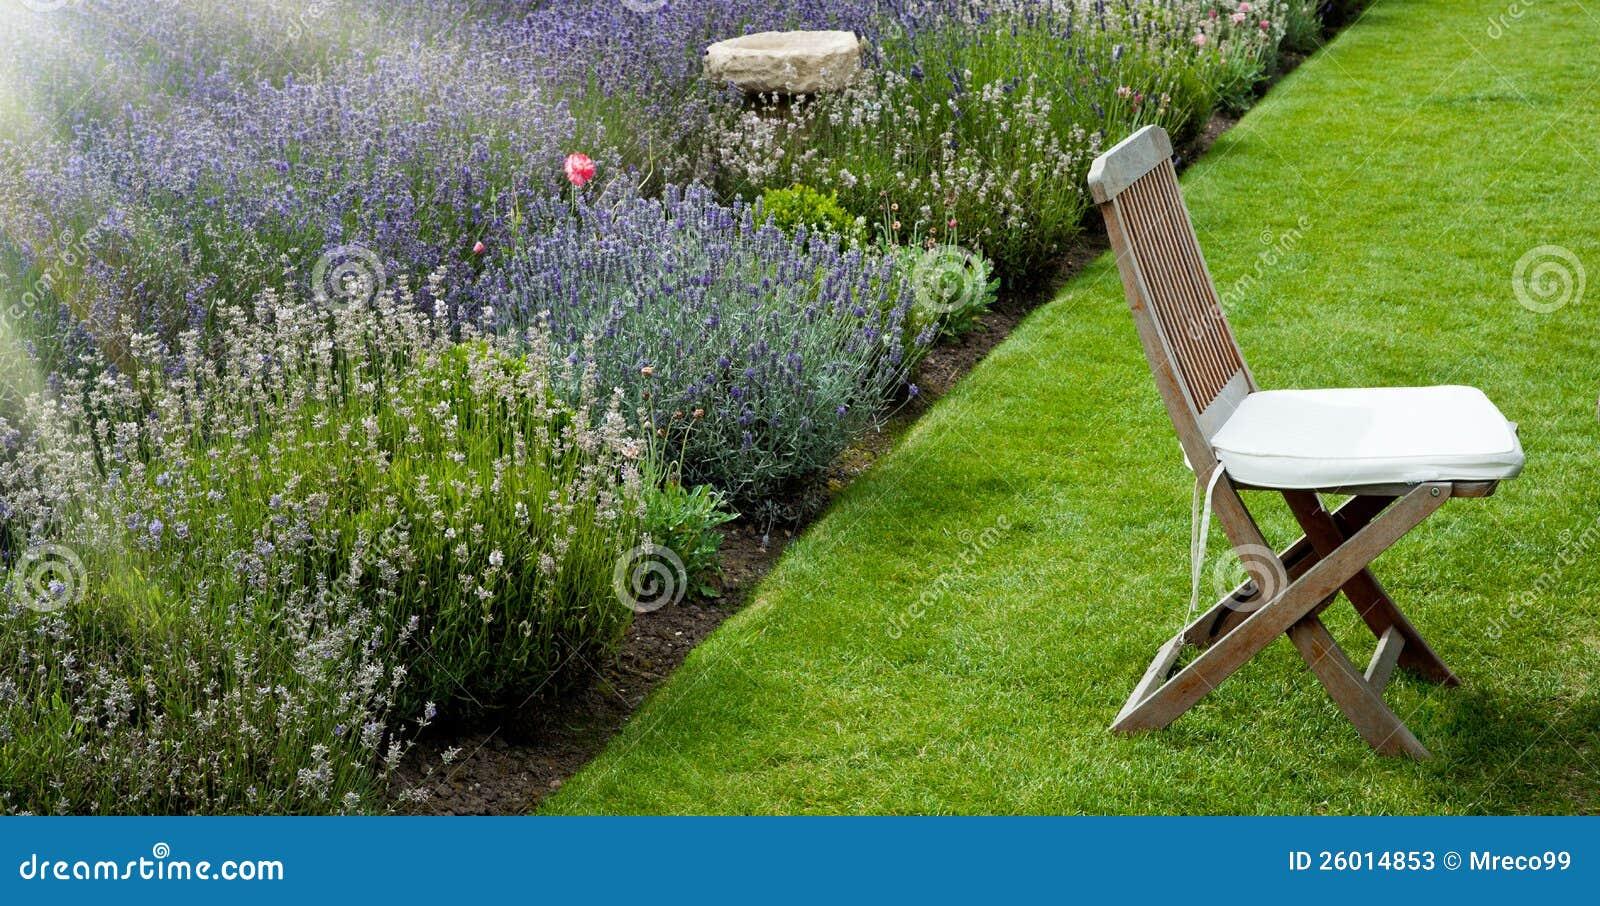 De tuin van de lavendel in de ochtend stock foto 39 s afbeelding 26014853 - Deco van de tuin ...